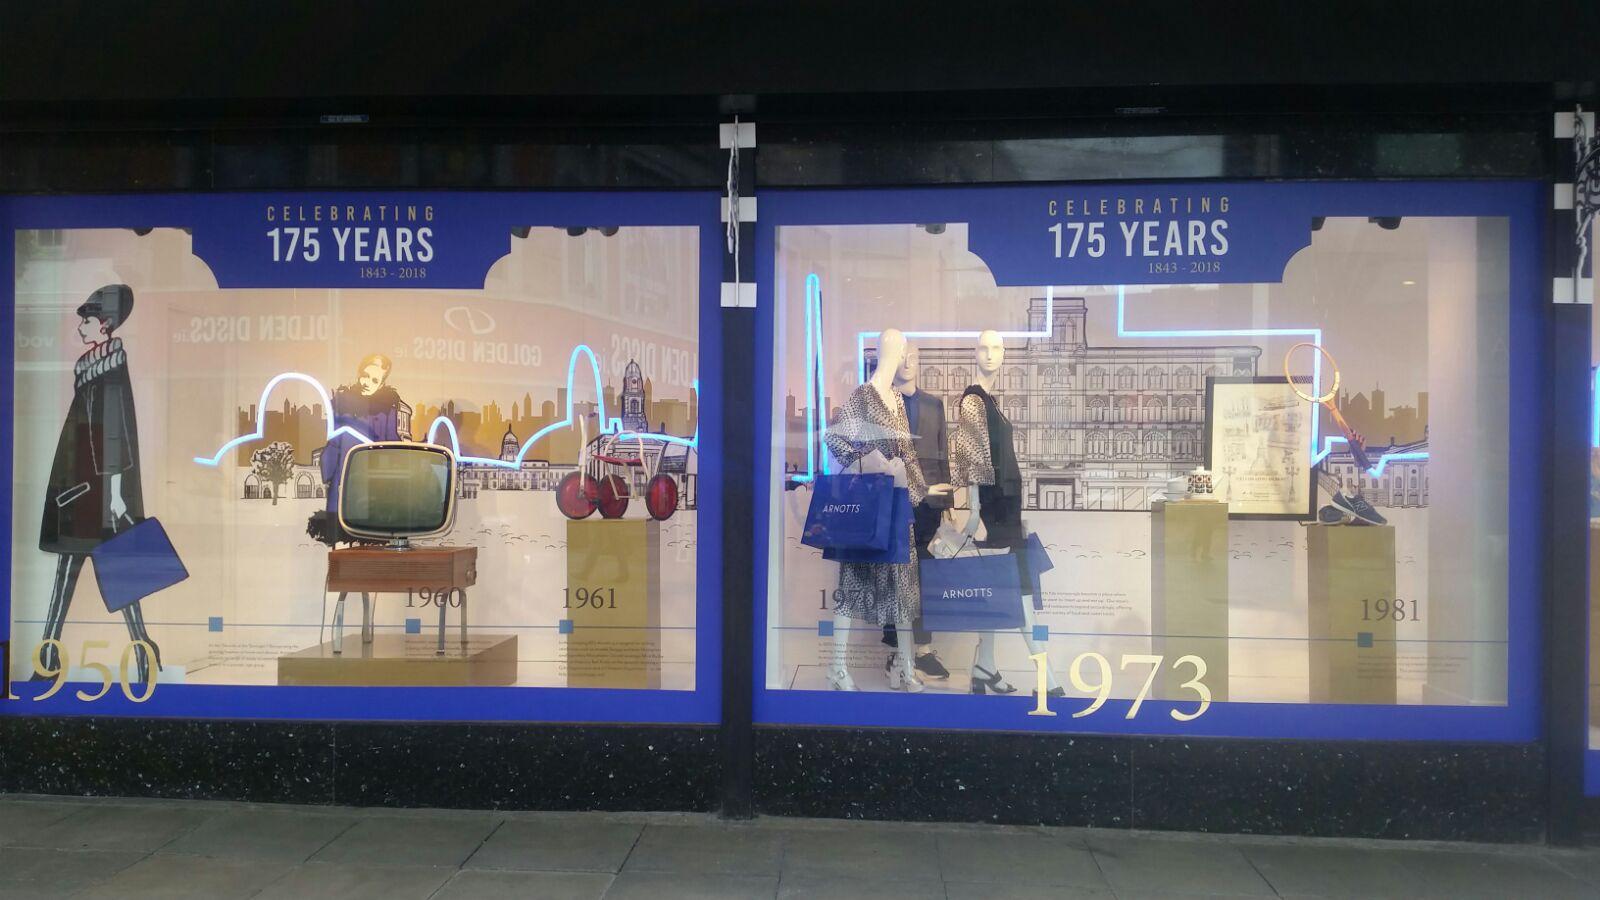 Arnotts Celebrates 175 Years